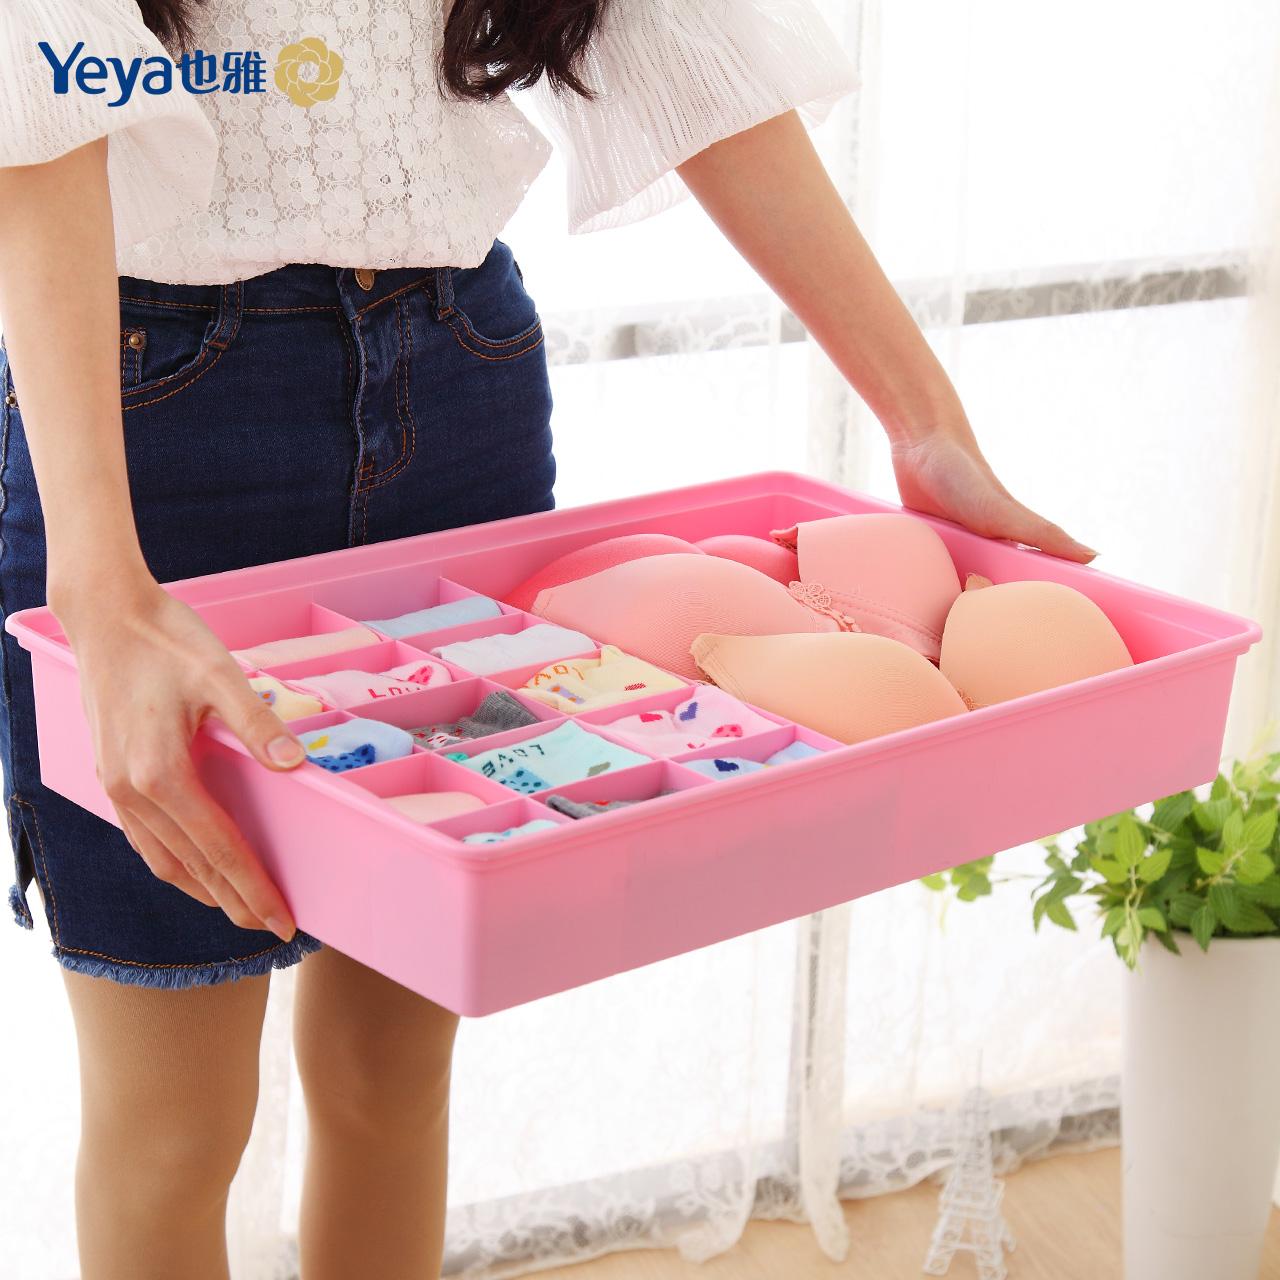 Yeya также элегантный многофункциональный носки трусы для хранения белья картридж крышка разбираться коробка комод гардероб монтаж